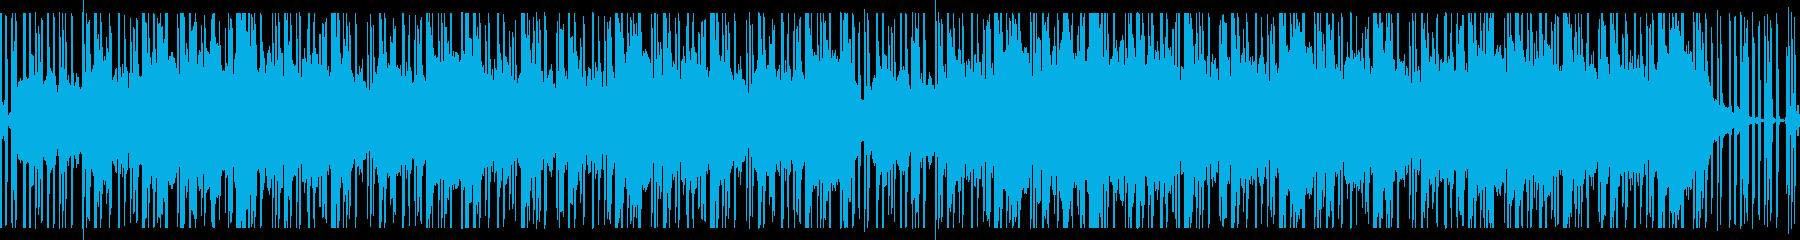 不気味不穏怪奇を思わせるホラーBGM Cの再生済みの波形